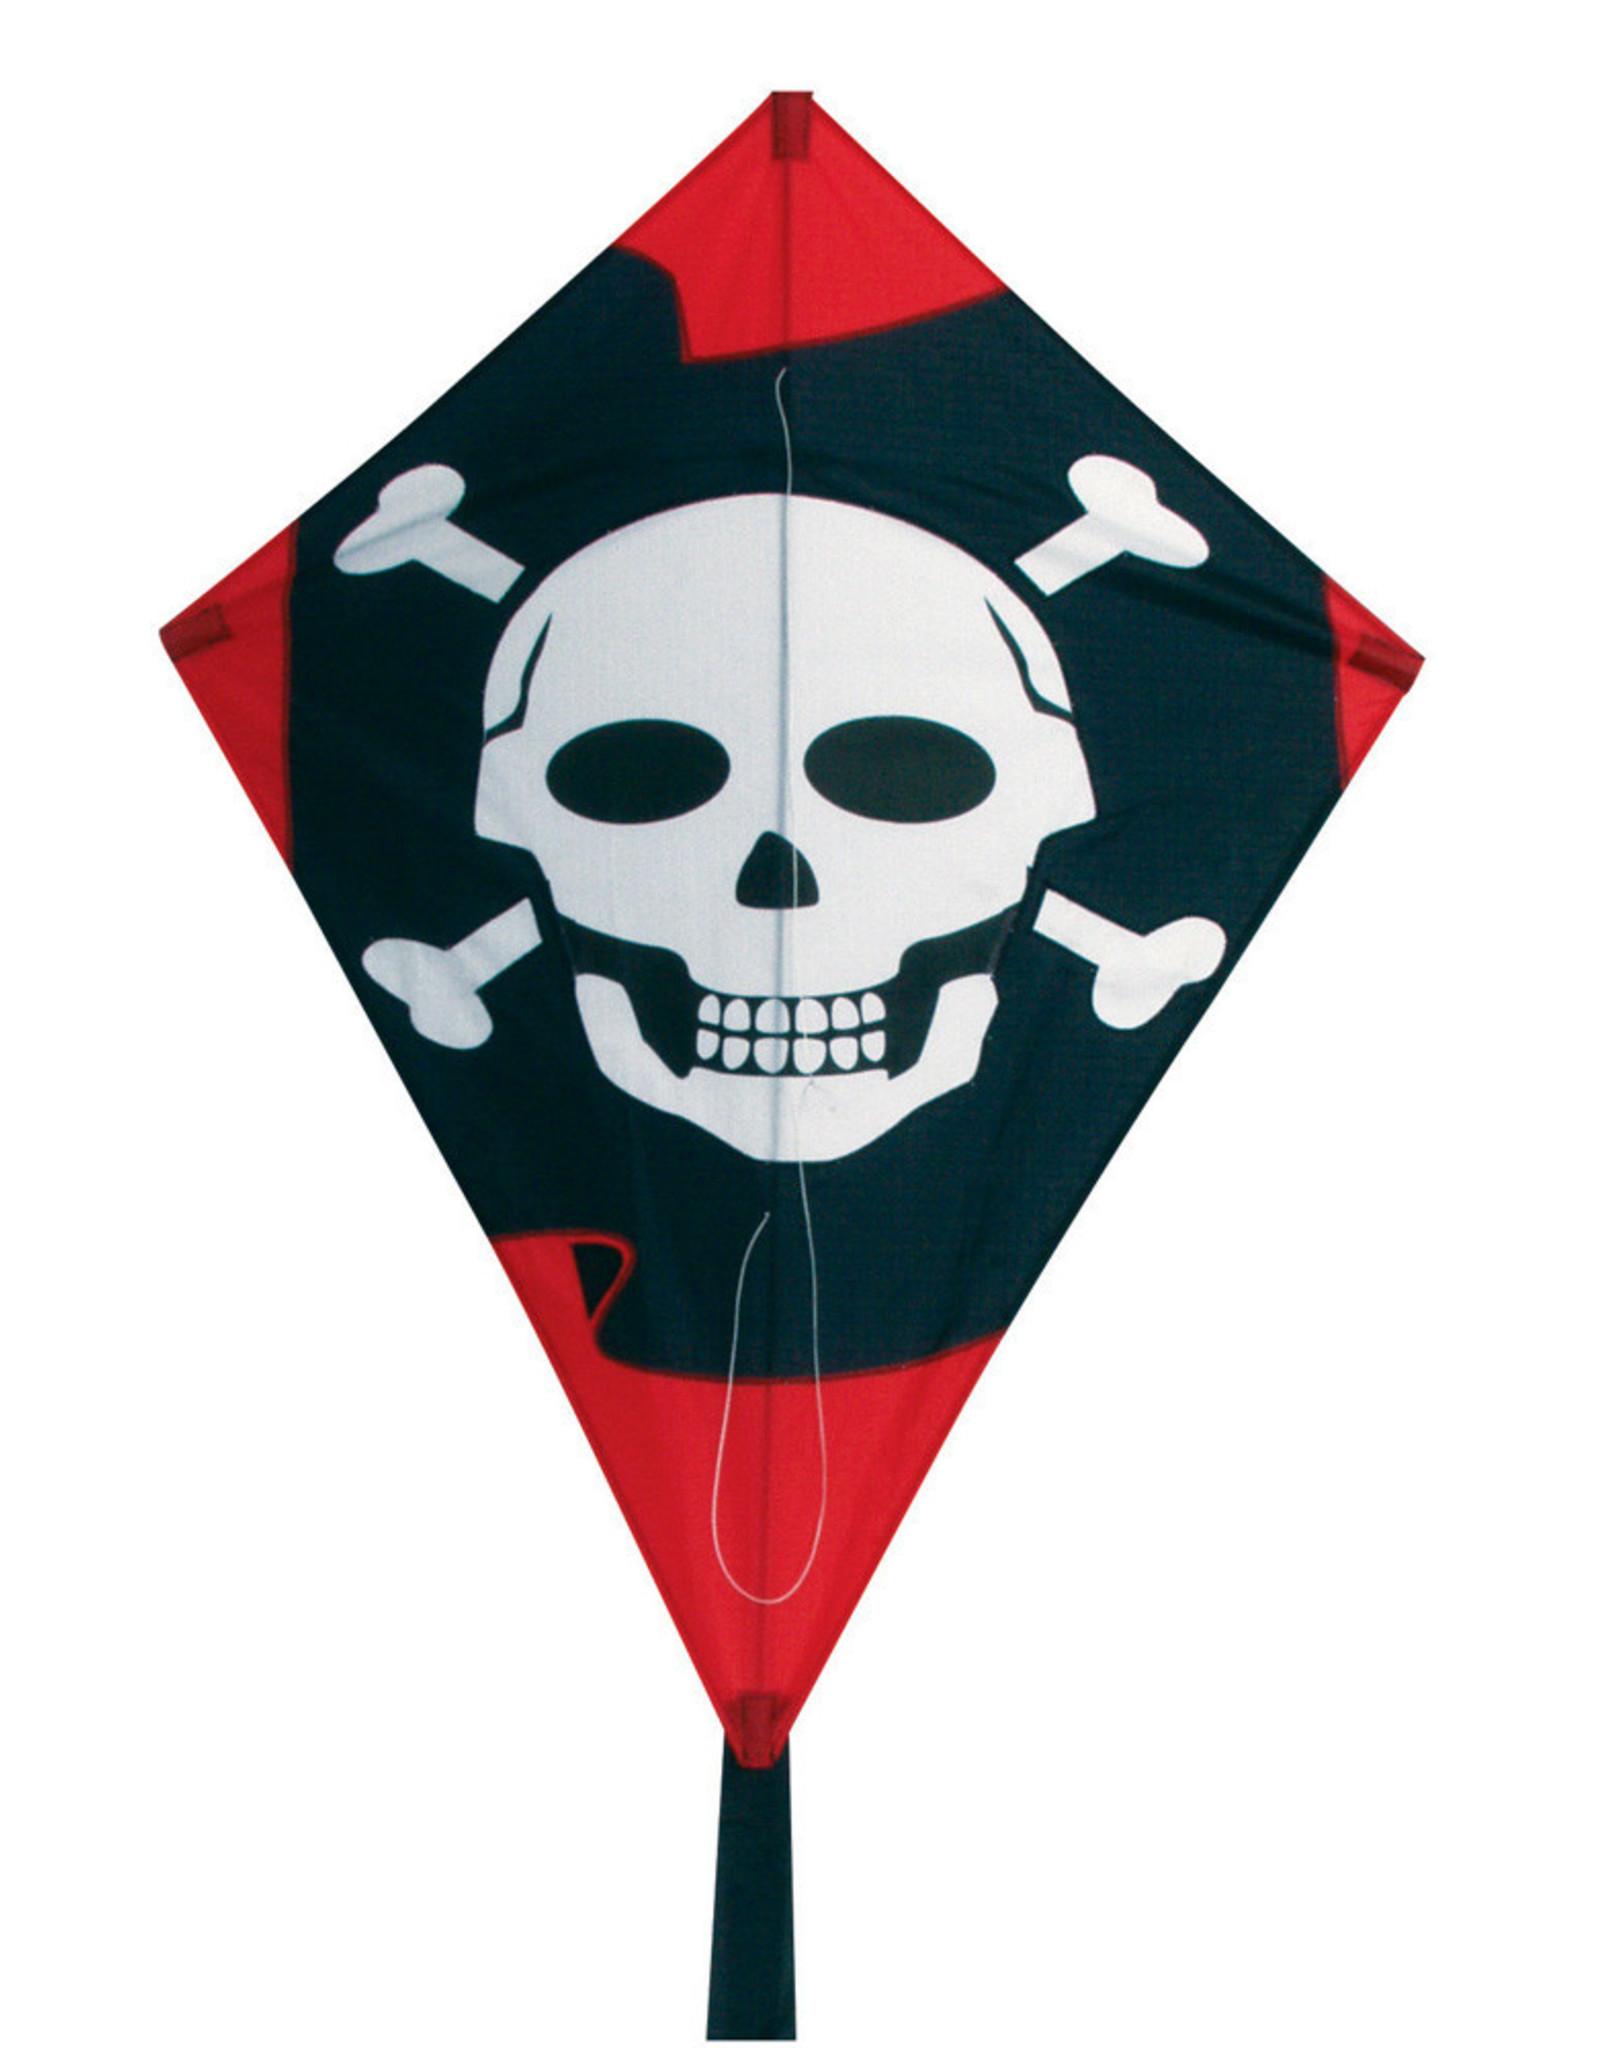 Skydog Kites 26'' PIRATE DIAMOND KITE